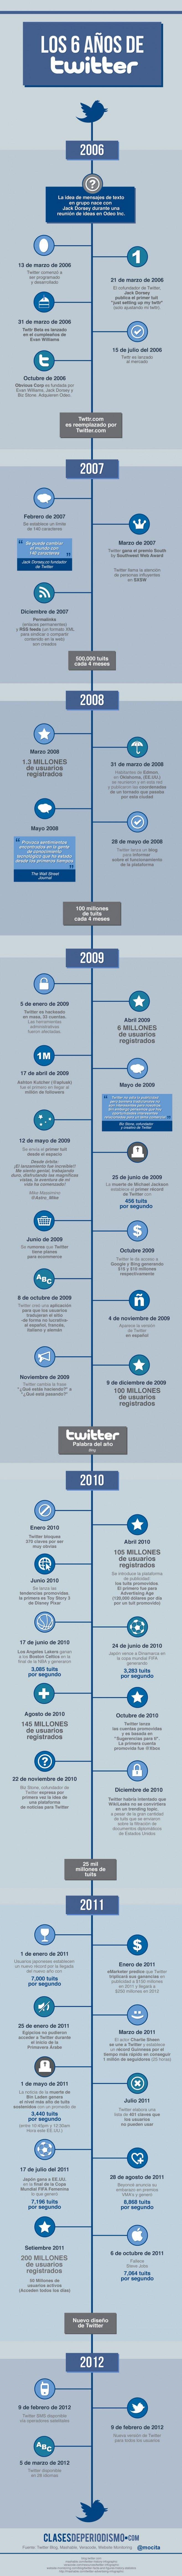 Los seis años de Twitter